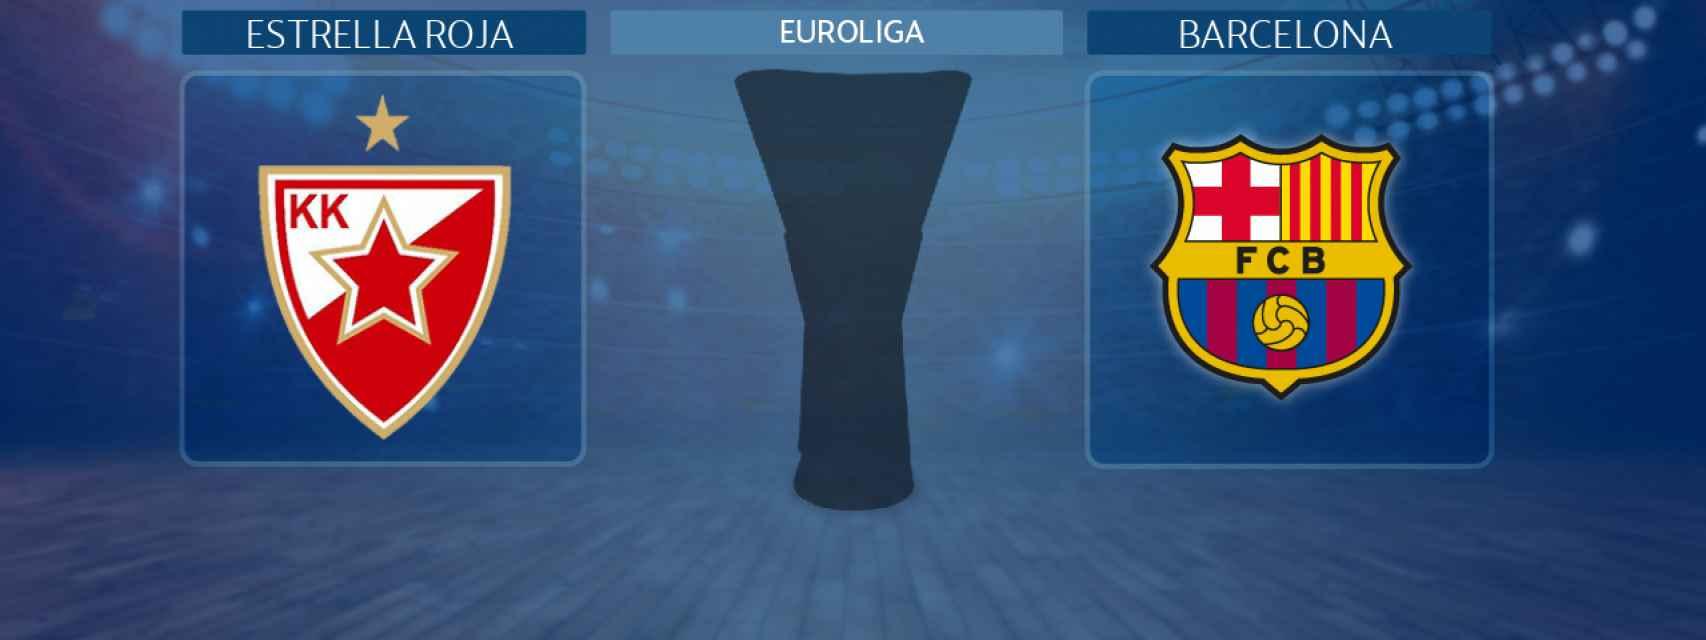 Estrella Roja - Barcelona, partido de la Euroliga